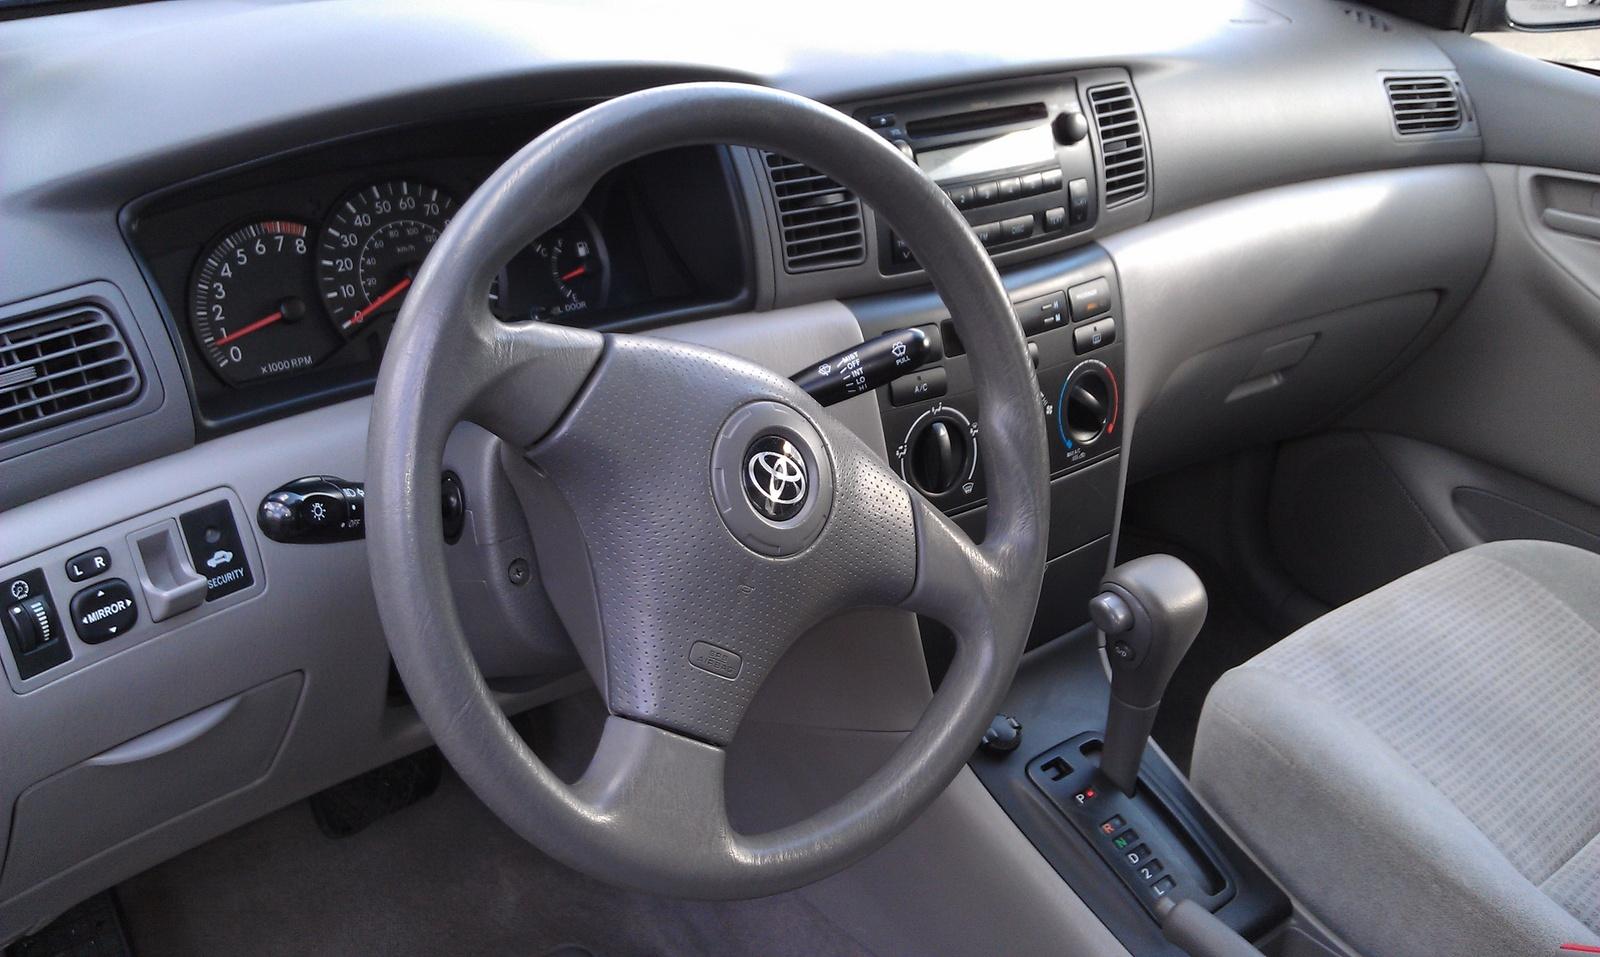 2007 Toyota Corolla Pictures Cargurus